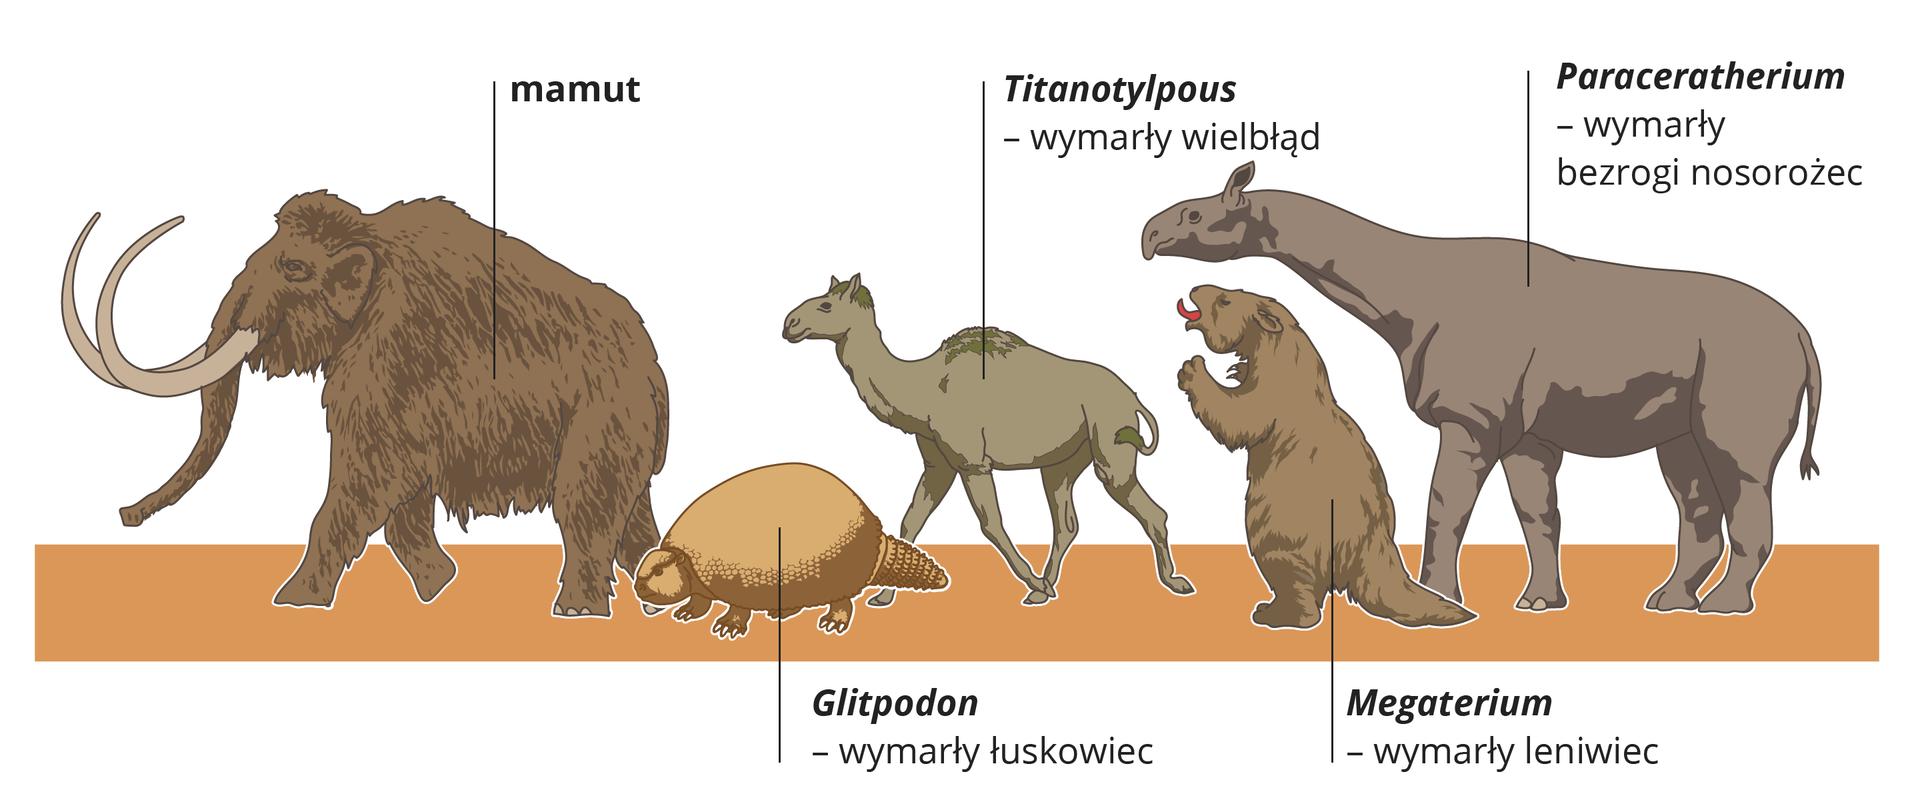 Ilustracja przedstawia rysunki pięciu olbrzymich wymarłych ssaków. Stoją na pomarańczowym pasie, głowami wlewo, przy nich podpisy. Od lewej: mocno owłosiony brązowy mamut zdługimi kłami; mały, jasnobrązowy łuskowiec Gliptodon; za nim szarawy wymarły wielbłąd Titanotylopus*. Za nim stojący na tylnych nogach leniwiec Megaterium, zotwartym pyskiem iczerwonym językiem. Na końcu bezrogi nosorożec Paracerahterium, zdługą szyją imała głową.